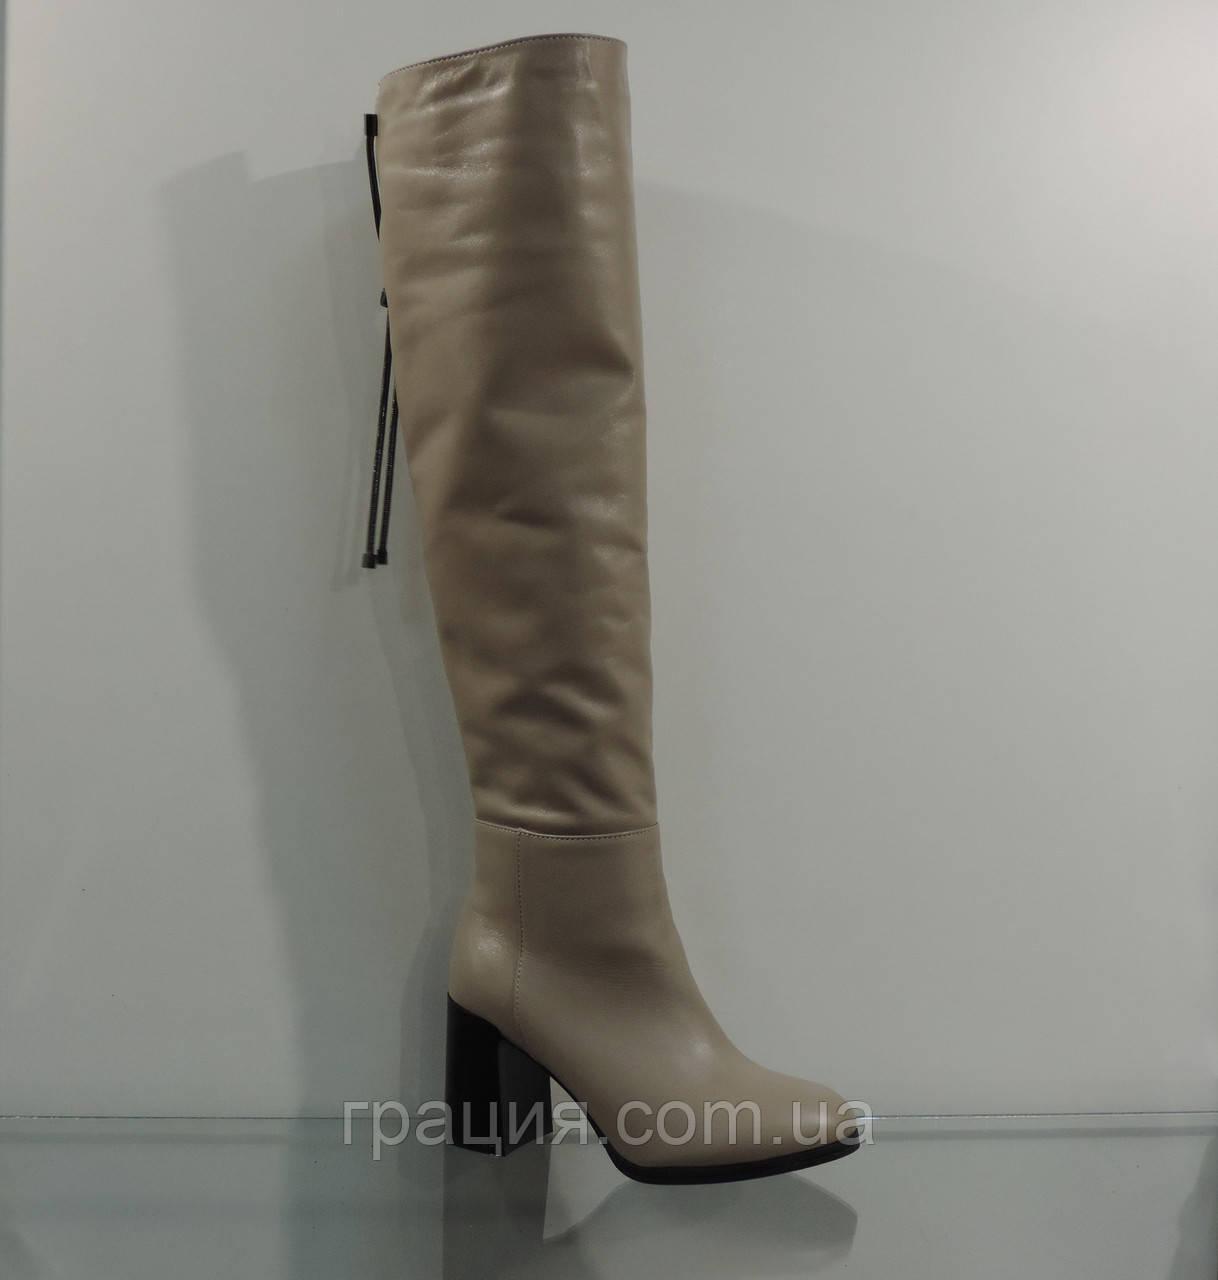 Молодежные высокие кожаные зимние сапожки на модном каблуке бежевые